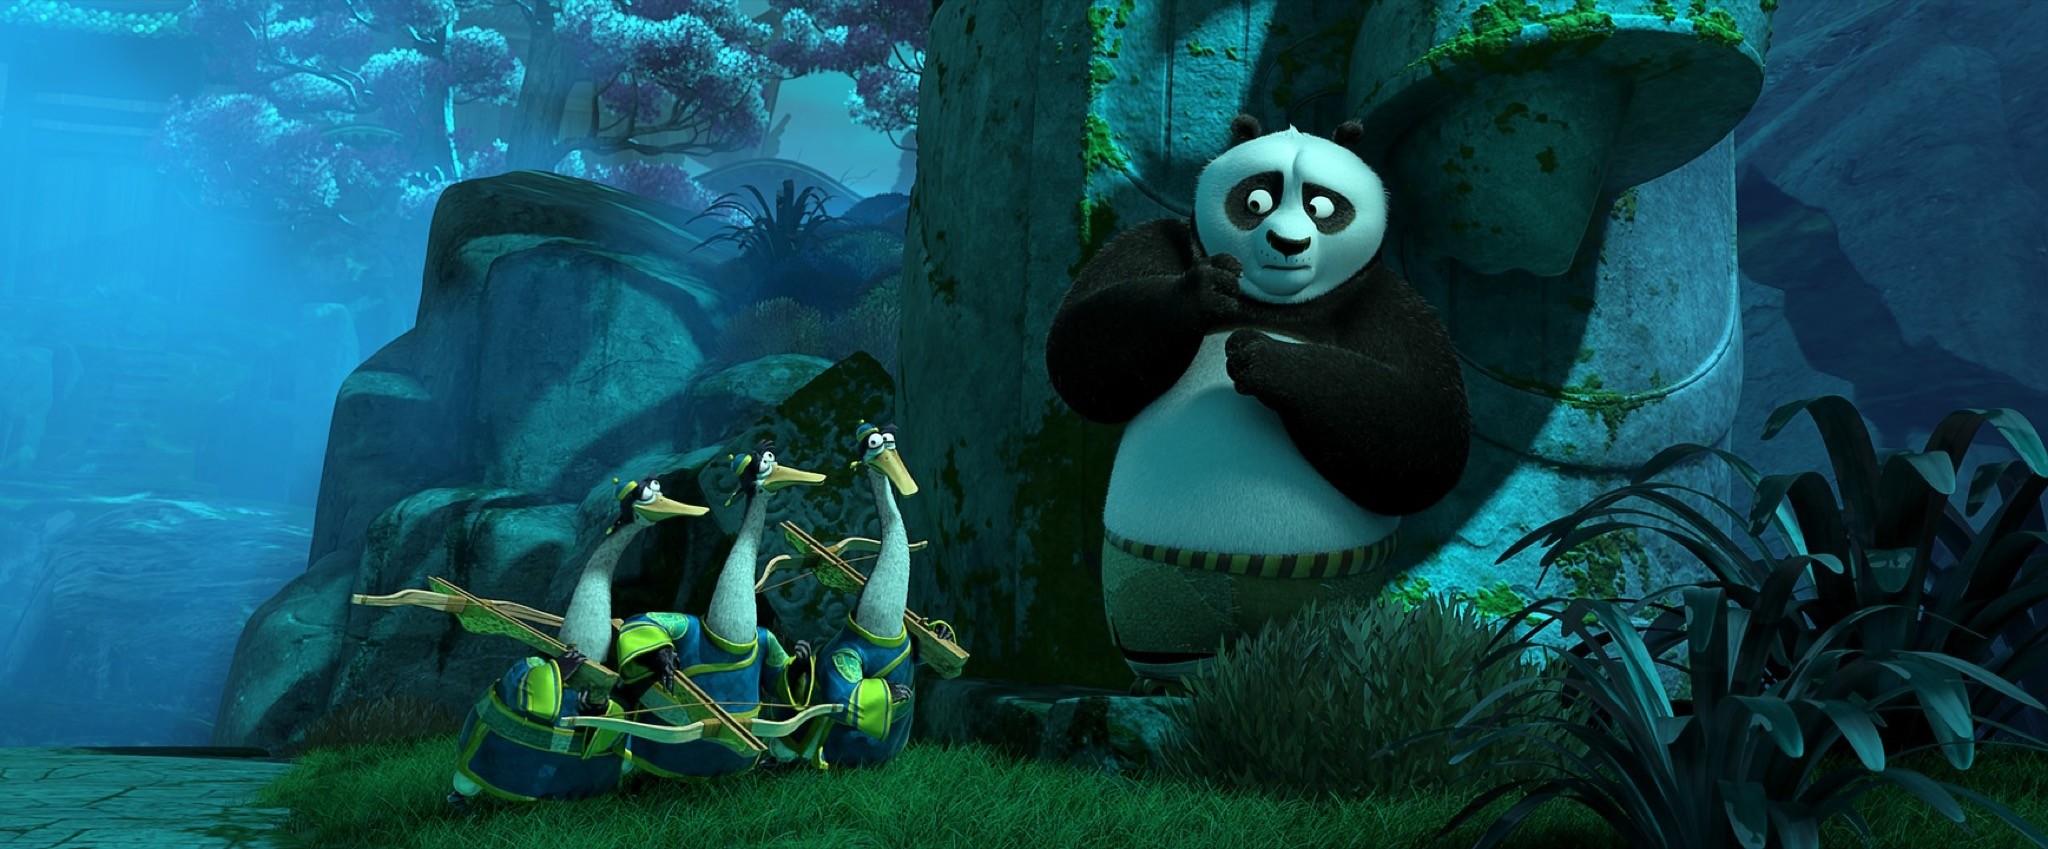 Kung Fu Panda 3-image-5